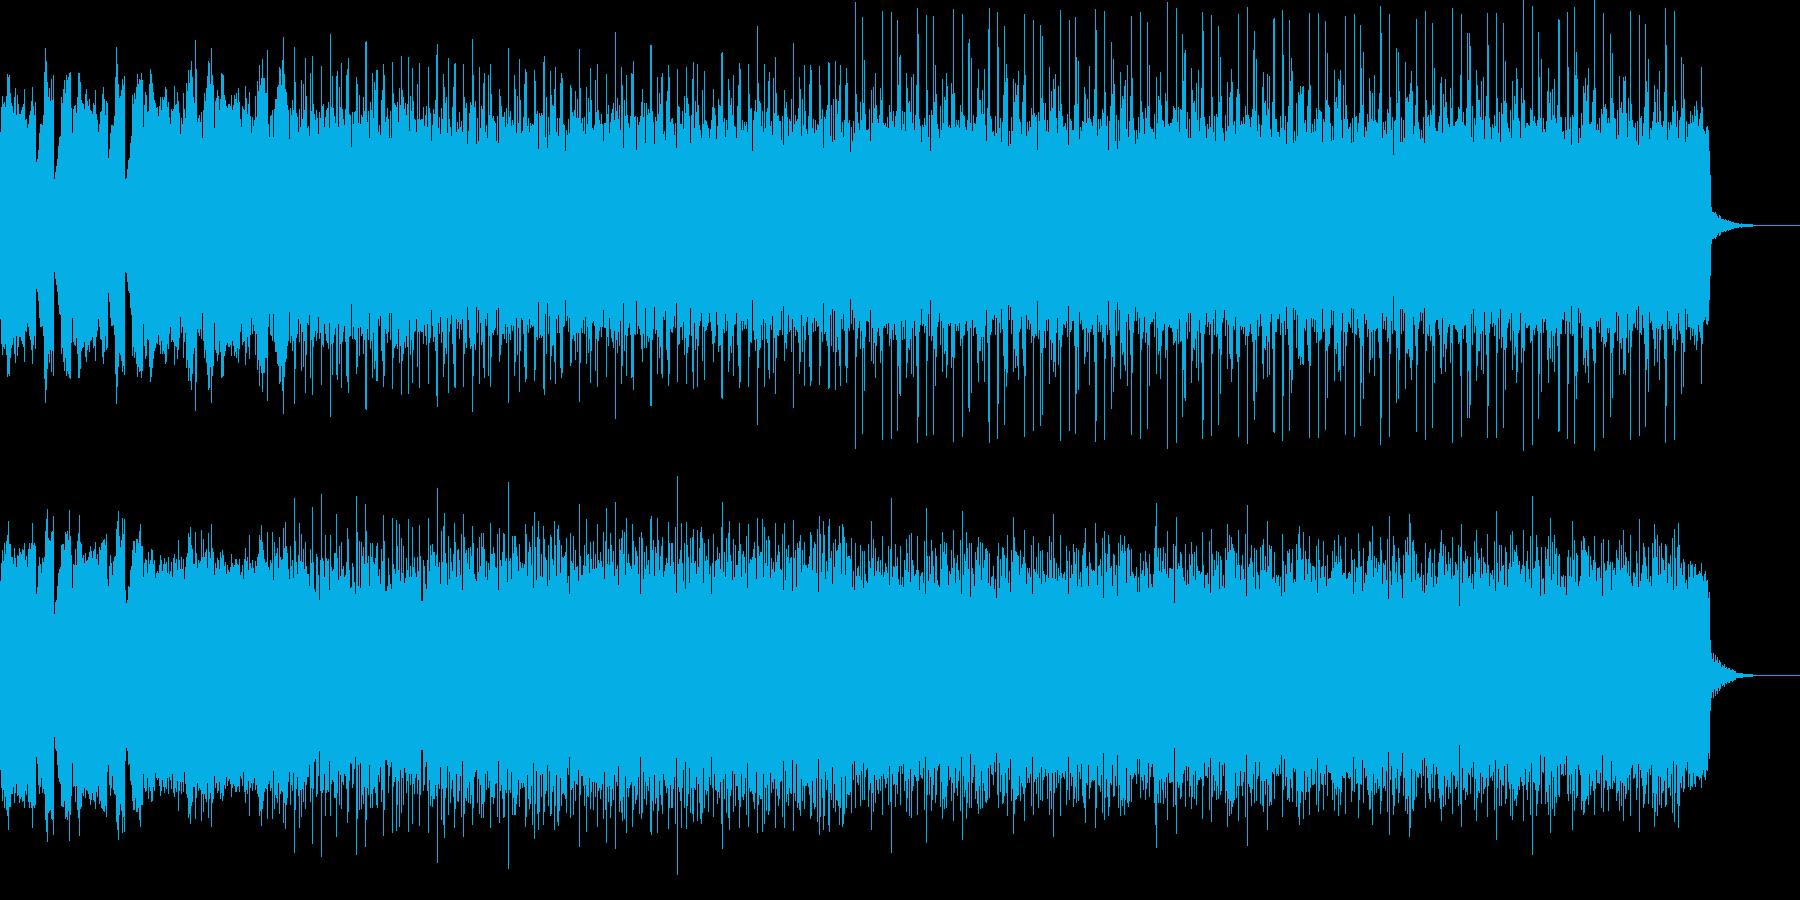 かっこいいテクノロック音楽の再生済みの波形